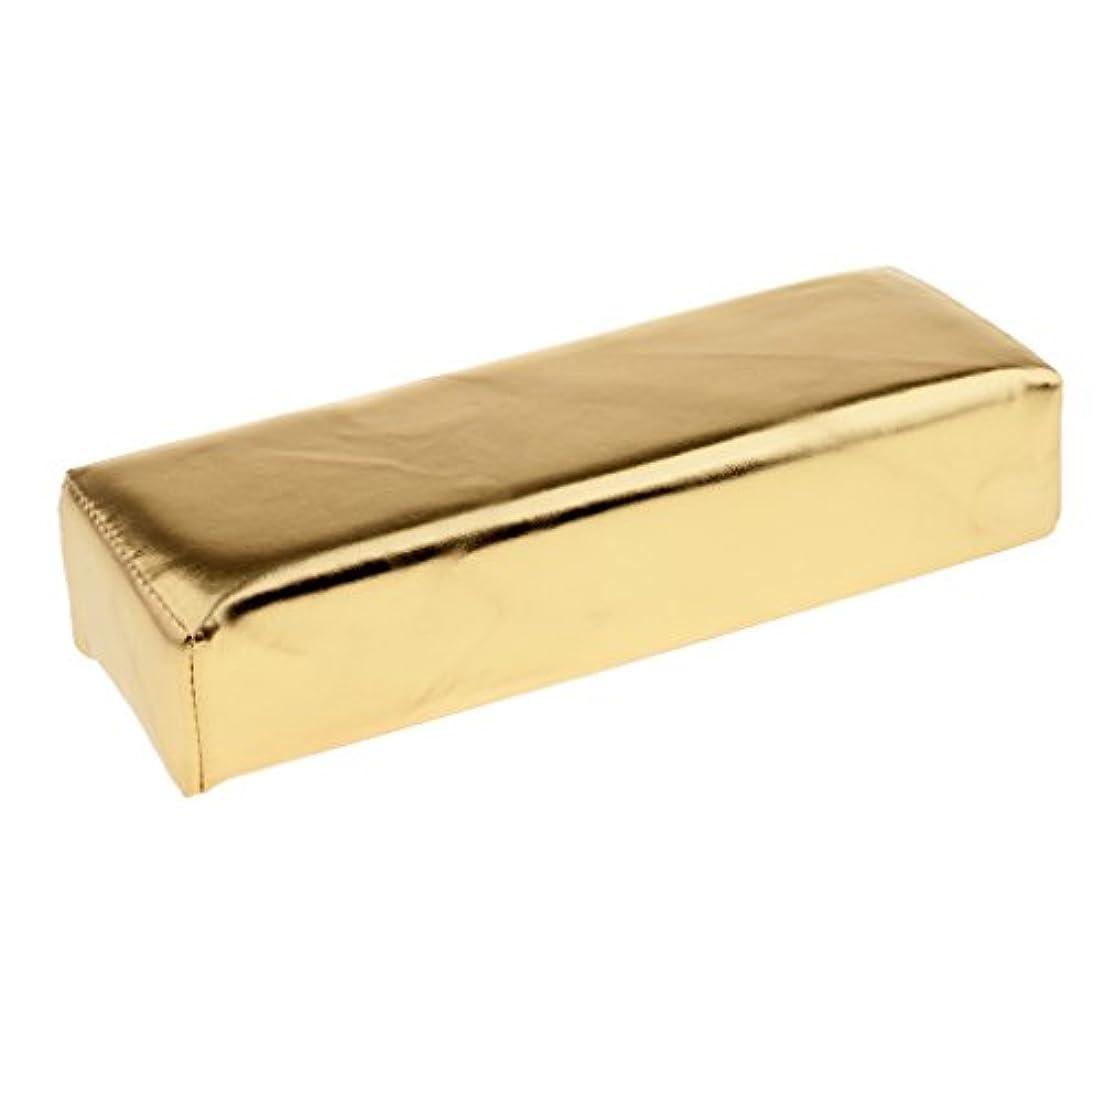 緊張スポットソフトウェアHomyl ネイルアート ハンドピロー ソフト クッション ピロー スポンジとPU  多色選べる - ゴールド